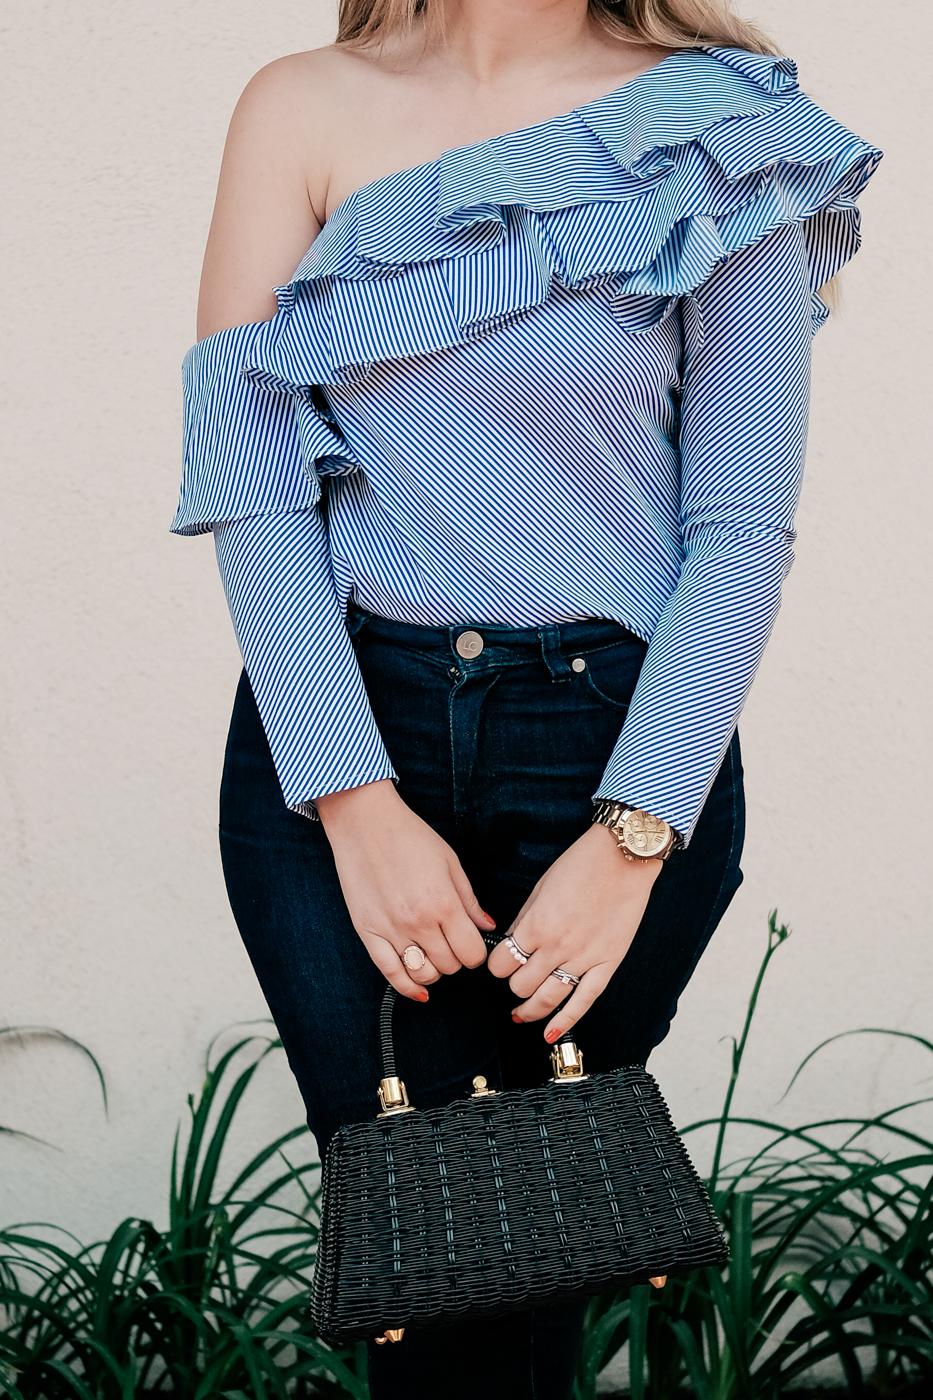 trend alert, one-shoulder style, Debora Dahl